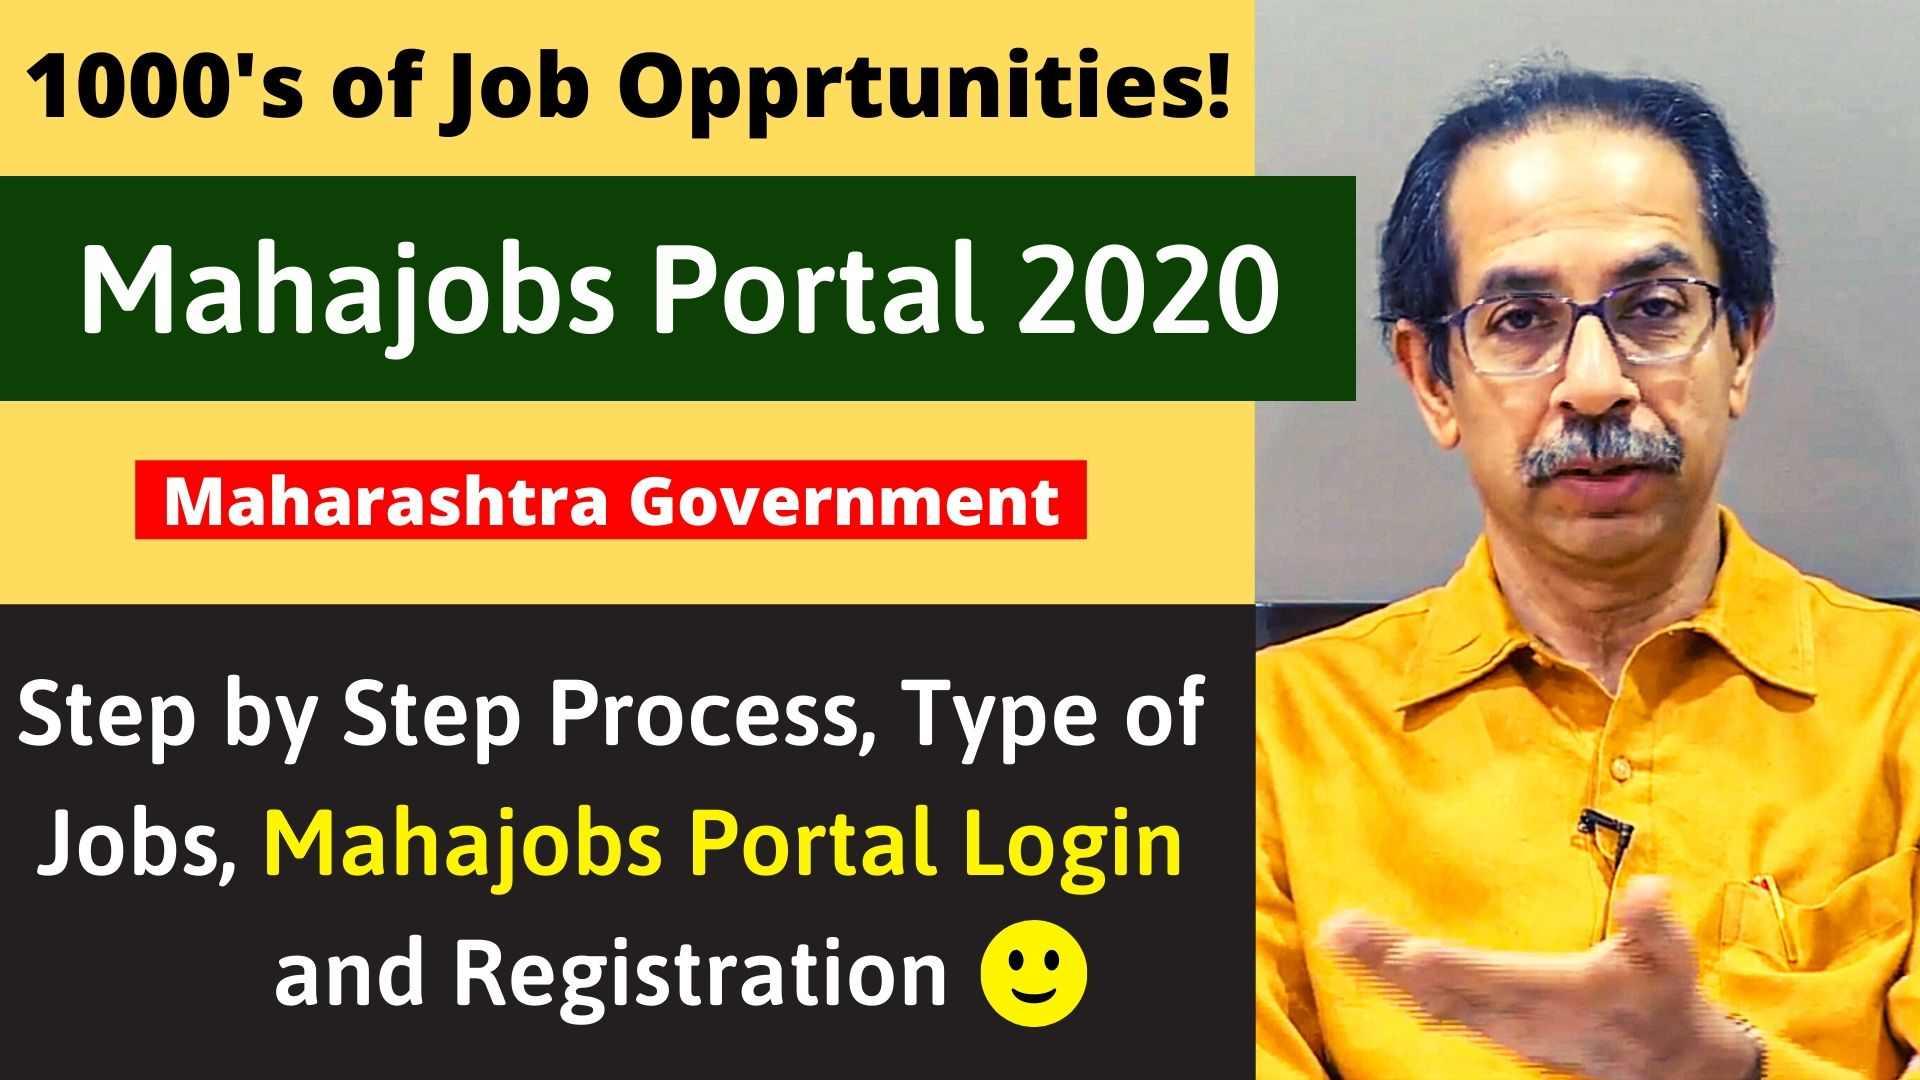 Mahajobs Portal 2020